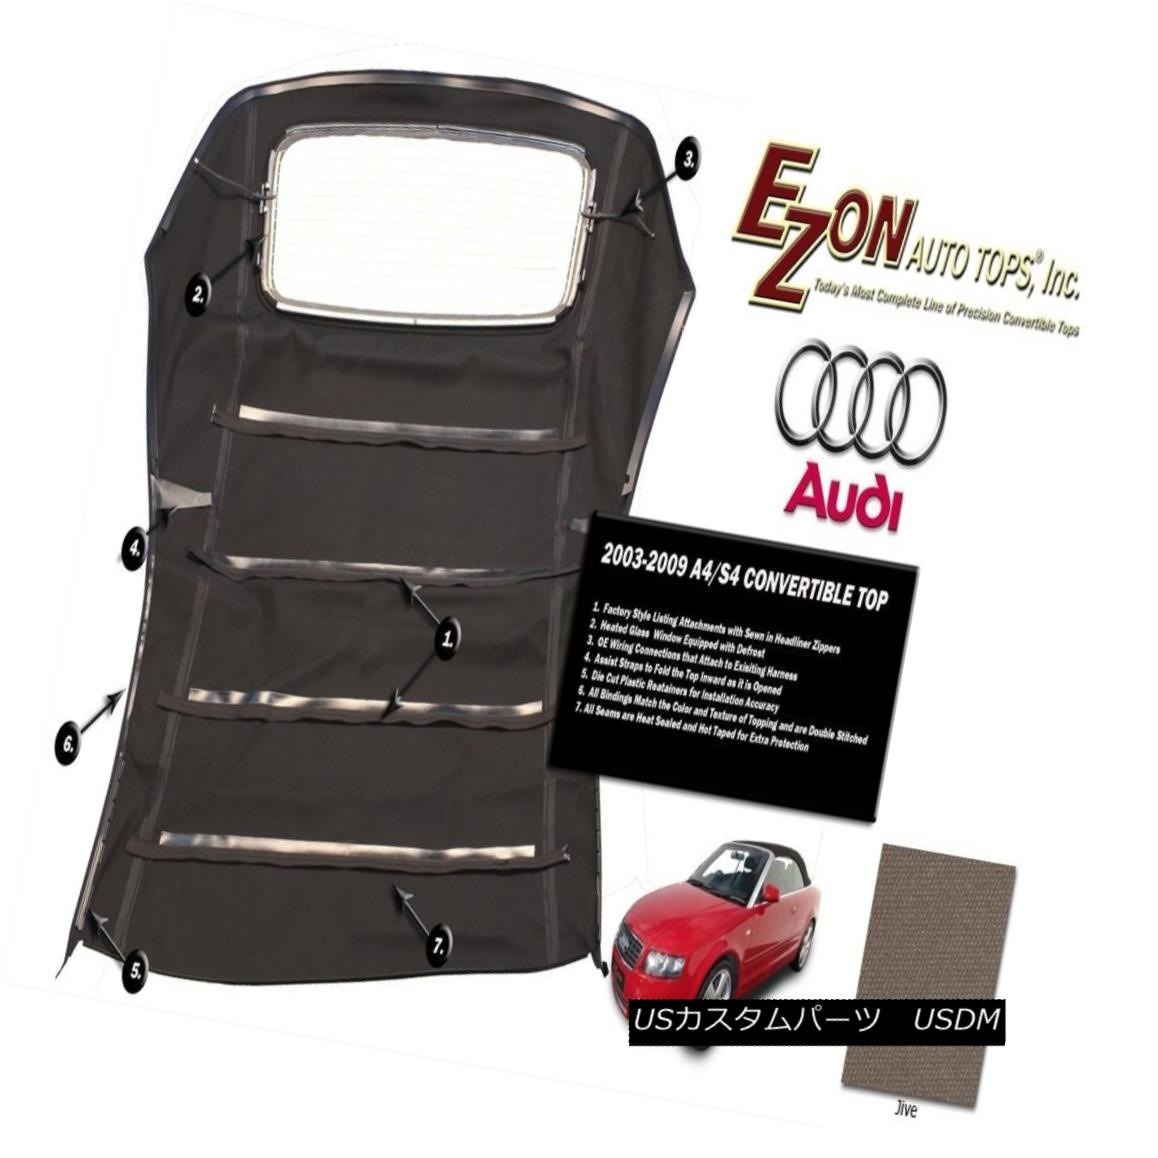 【予約受付中】 幌 Cloth・ソフトトップ E-Z ON Audi A4 JIVE Canvas Convertible Soft Top & Glass Window JIVE German A5 Canvas Cloth E-Z ON Audi A4コンバーチブルソフトトップ& ガラス窓JIVEドイツA5キャンバス布, イットビー:40177d8a --- anekdot.xyz